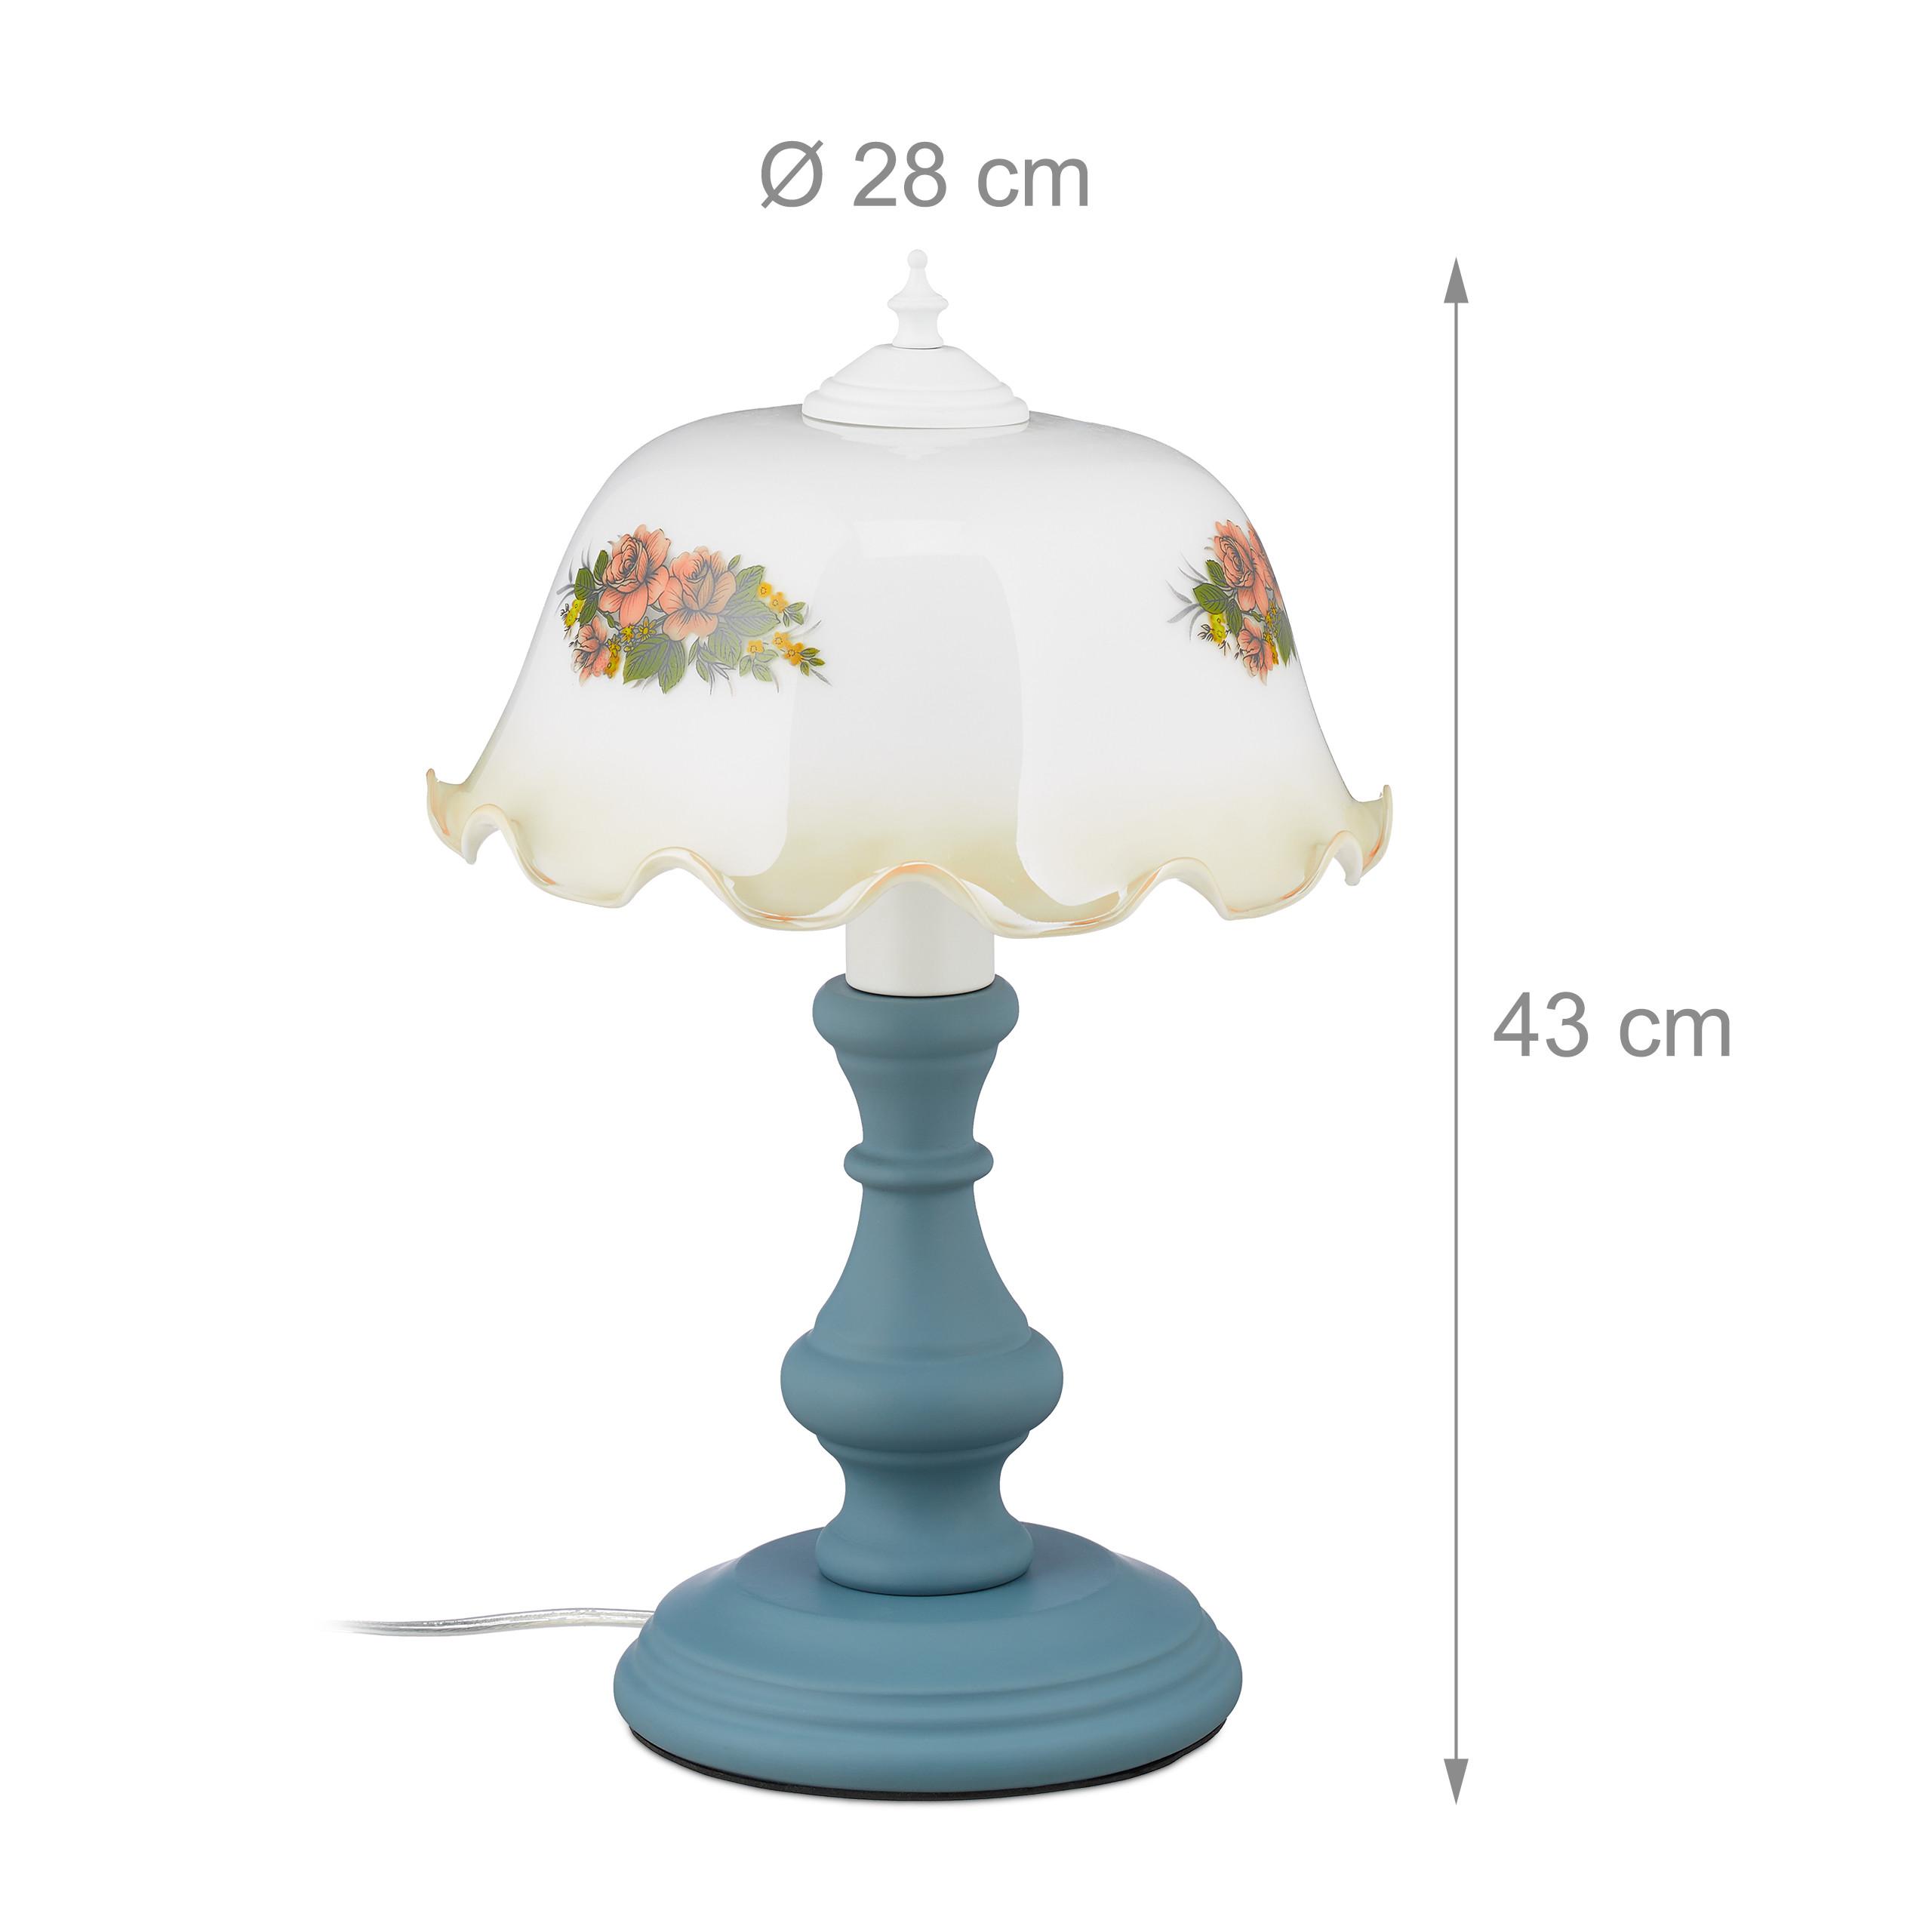 Indexbild 4 - Tischlampe E27 Nachttischlampe Blumen Retro Lampe Schirmlampe Tischleuchte antik